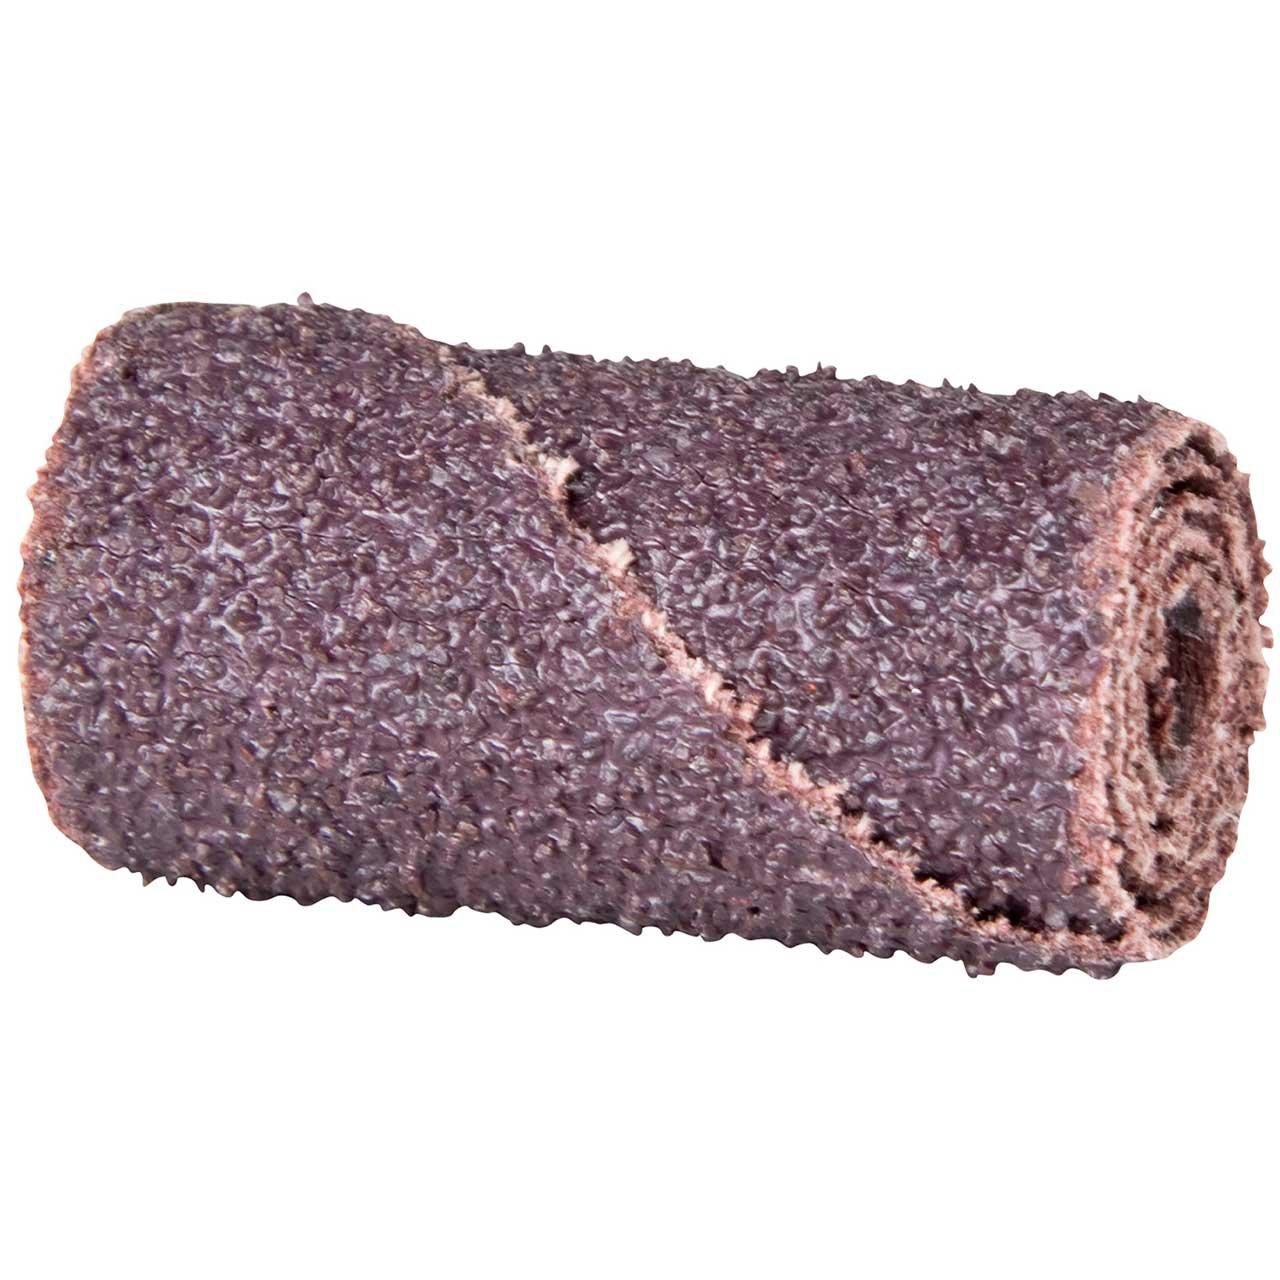 Merit Abrasive Cartridge Roll 1//4 Arbor Pack of 100 Grit 80 Roll 1 Diameter x 2 Length Aluminum Oxide